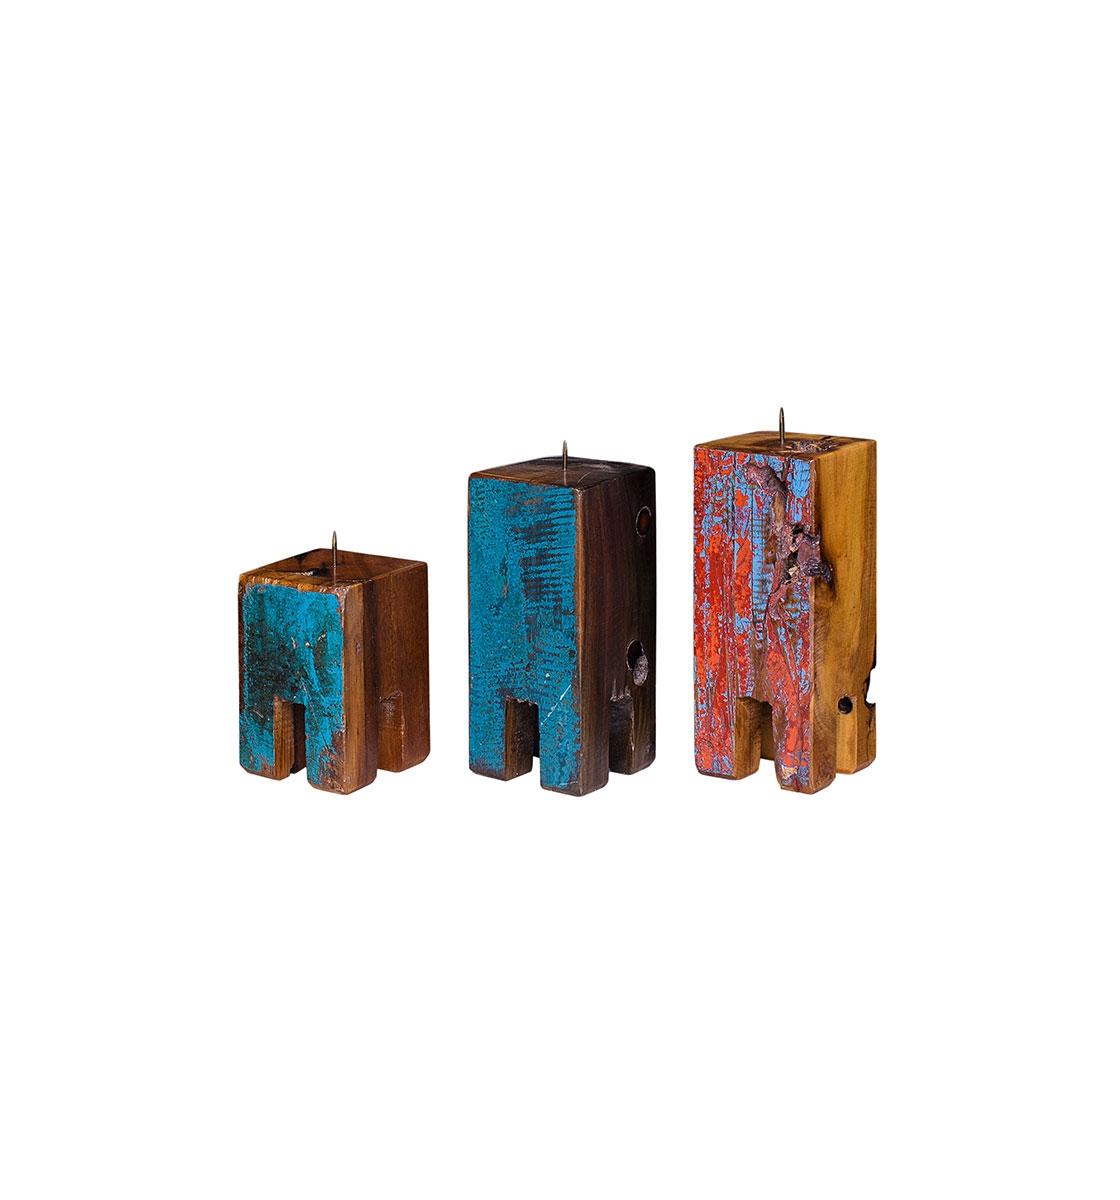 Набор из трех подсвечников Гарри ПоттерПодсвечники<br>Три подсвечника разной высоты (12, 17 и 20 см.), выполненные из массива древесины старого рыбацкого судна с сохранением оригинальной многослойной окраски.<br><br>Подходит для использования как внутри помещения, так и снаружи.<br><br>Material: Тик<br>Width см: 10<br>Depth см: 10<br>Height см: 20